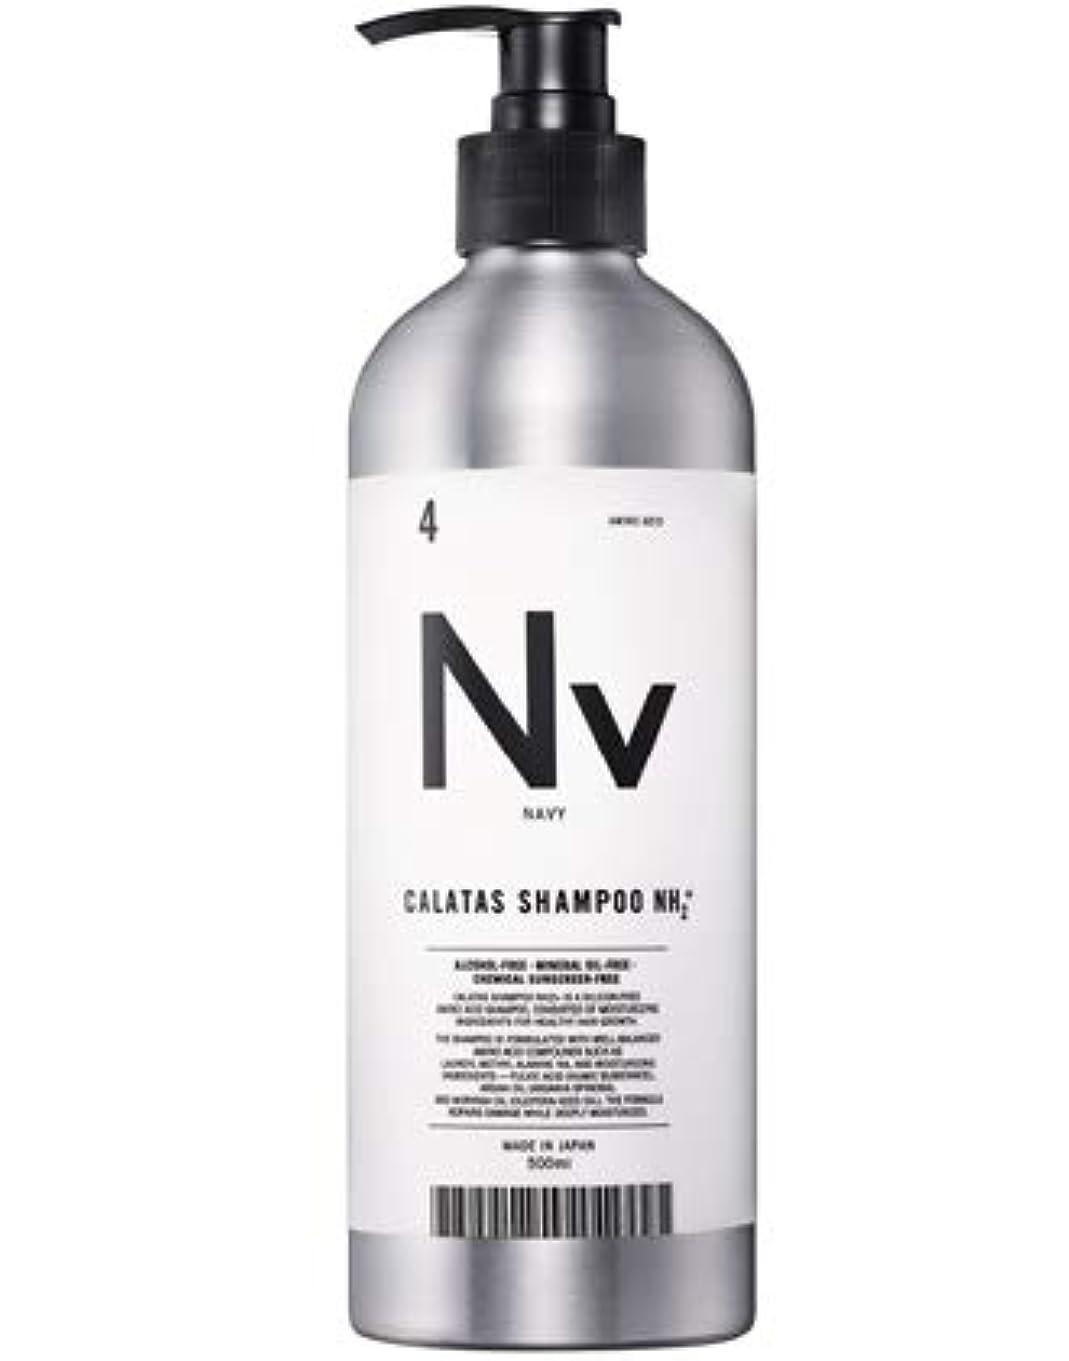 グローバルピッチピンチカラタス シャンプー NH2+ Nv(ネイビー) 500ml